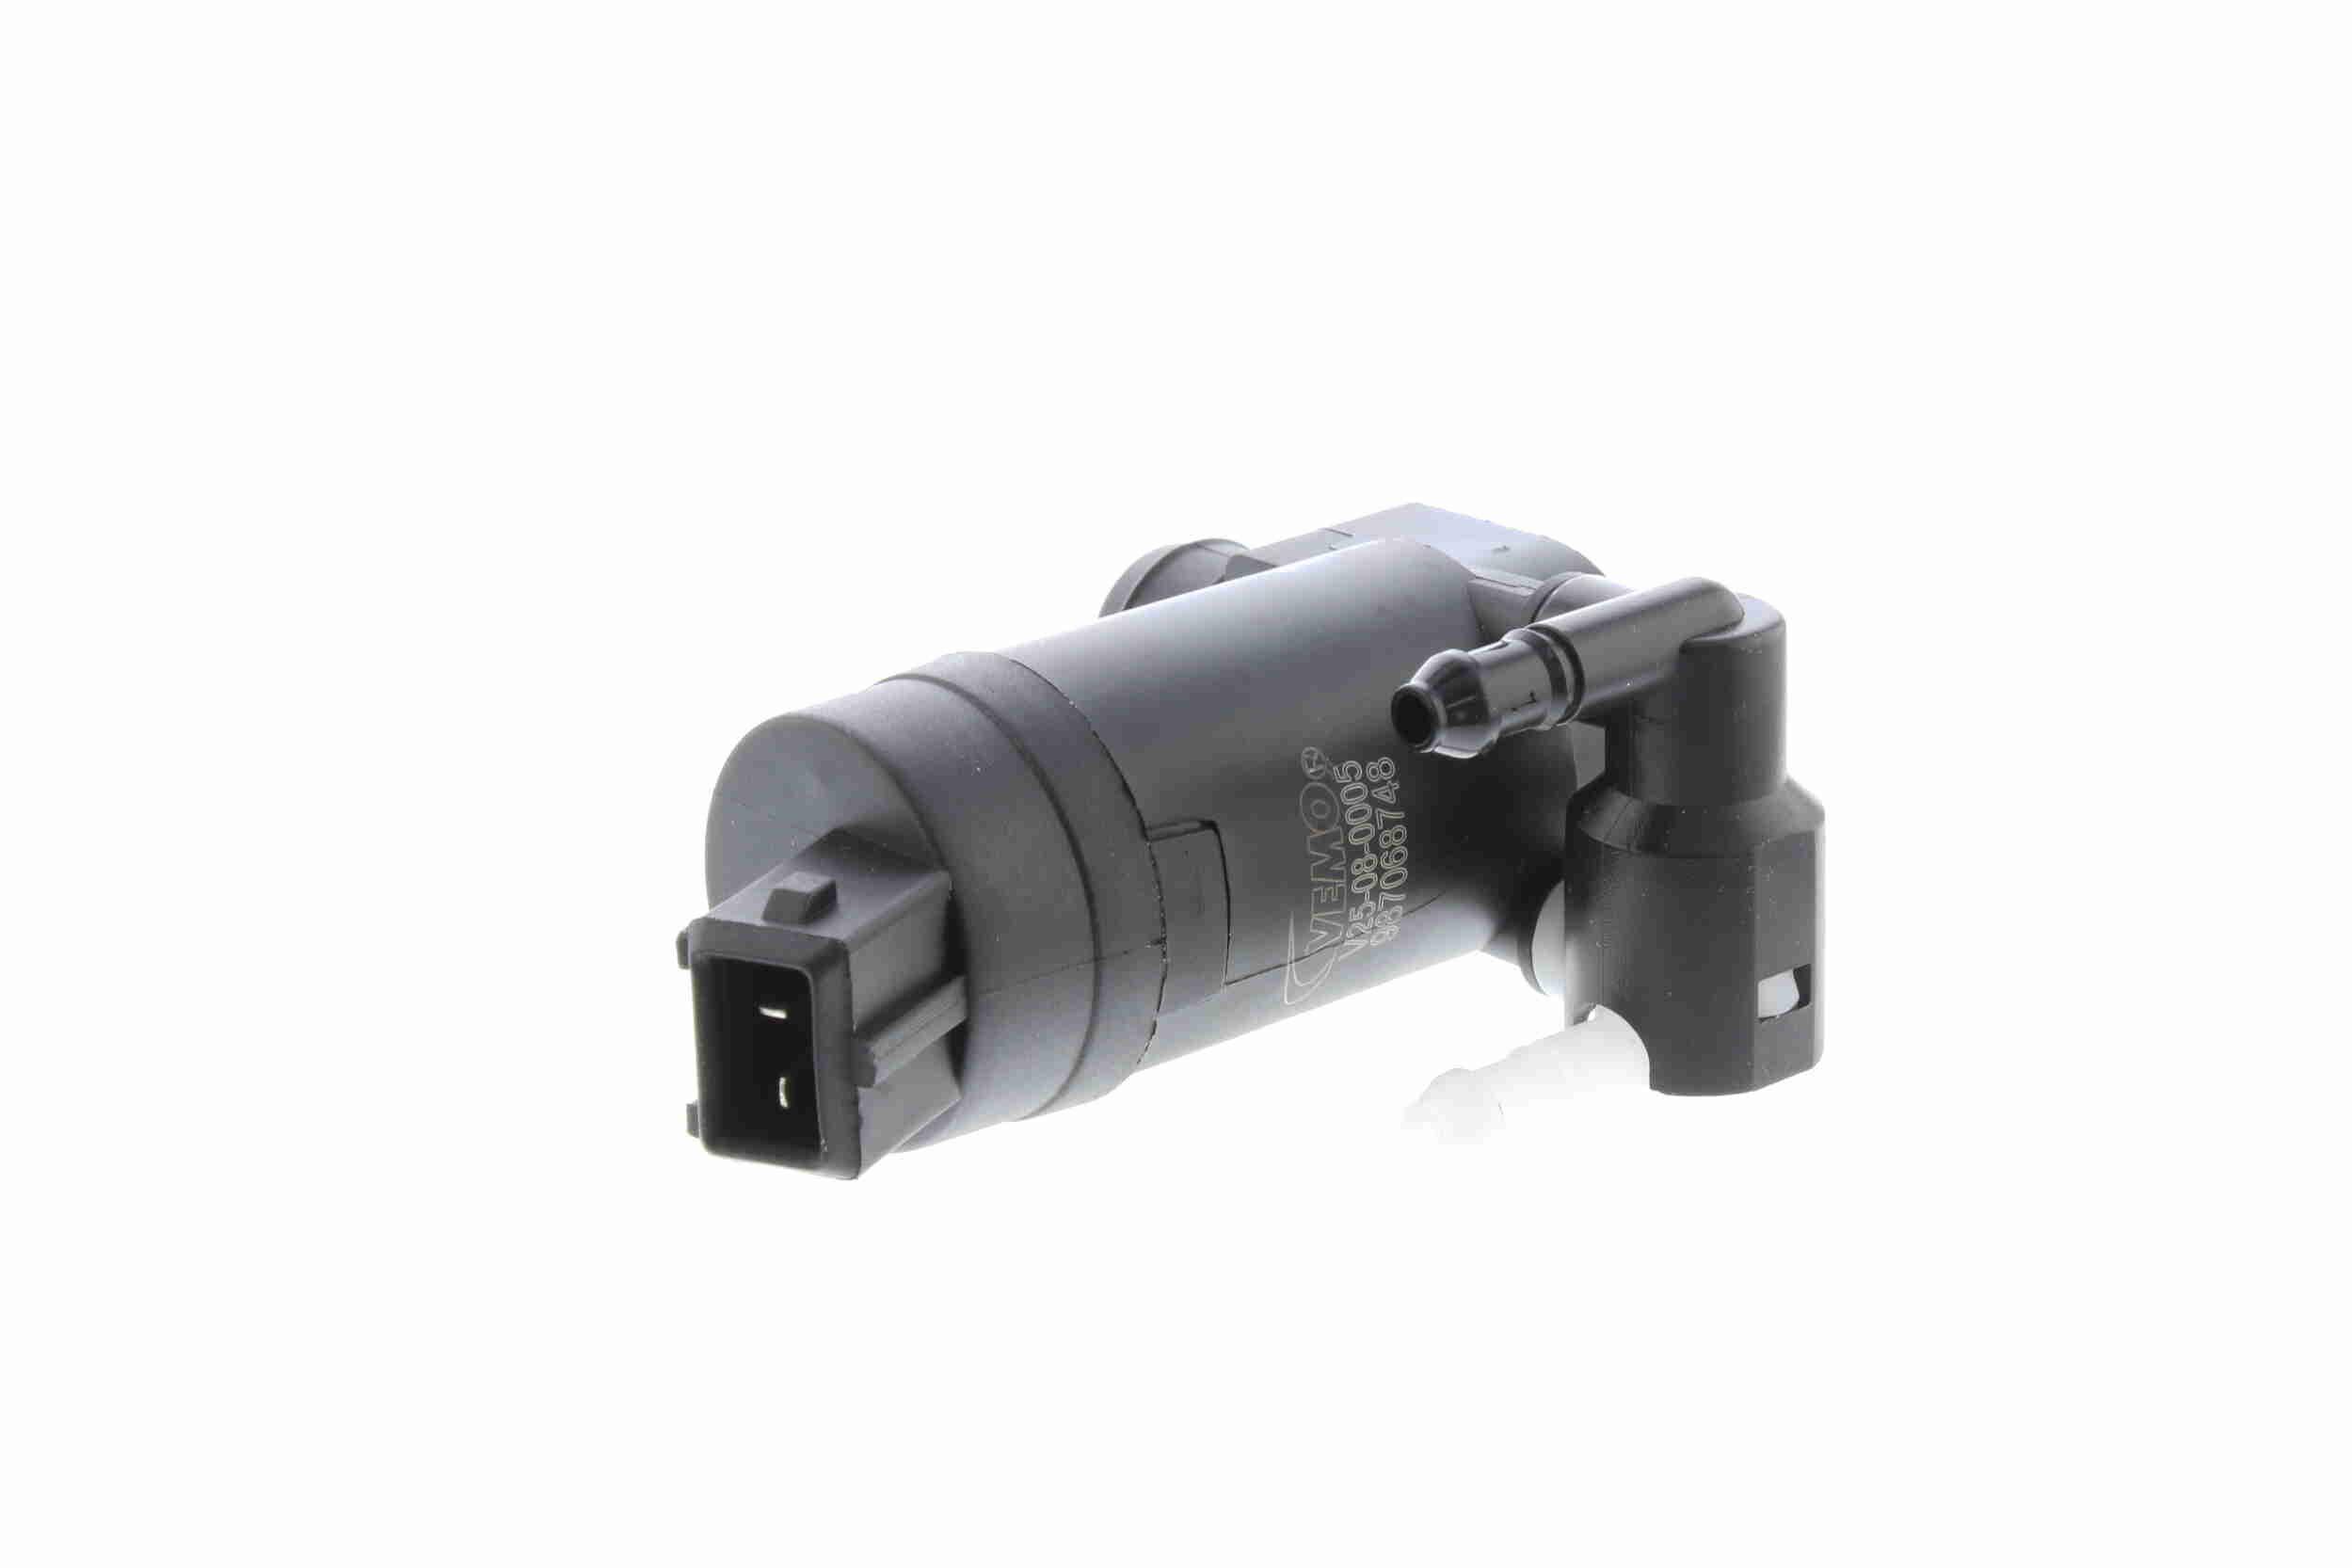 Waschwasserpumpe V25-08-0005 VEMO V25-08-0005 in Original Qualität